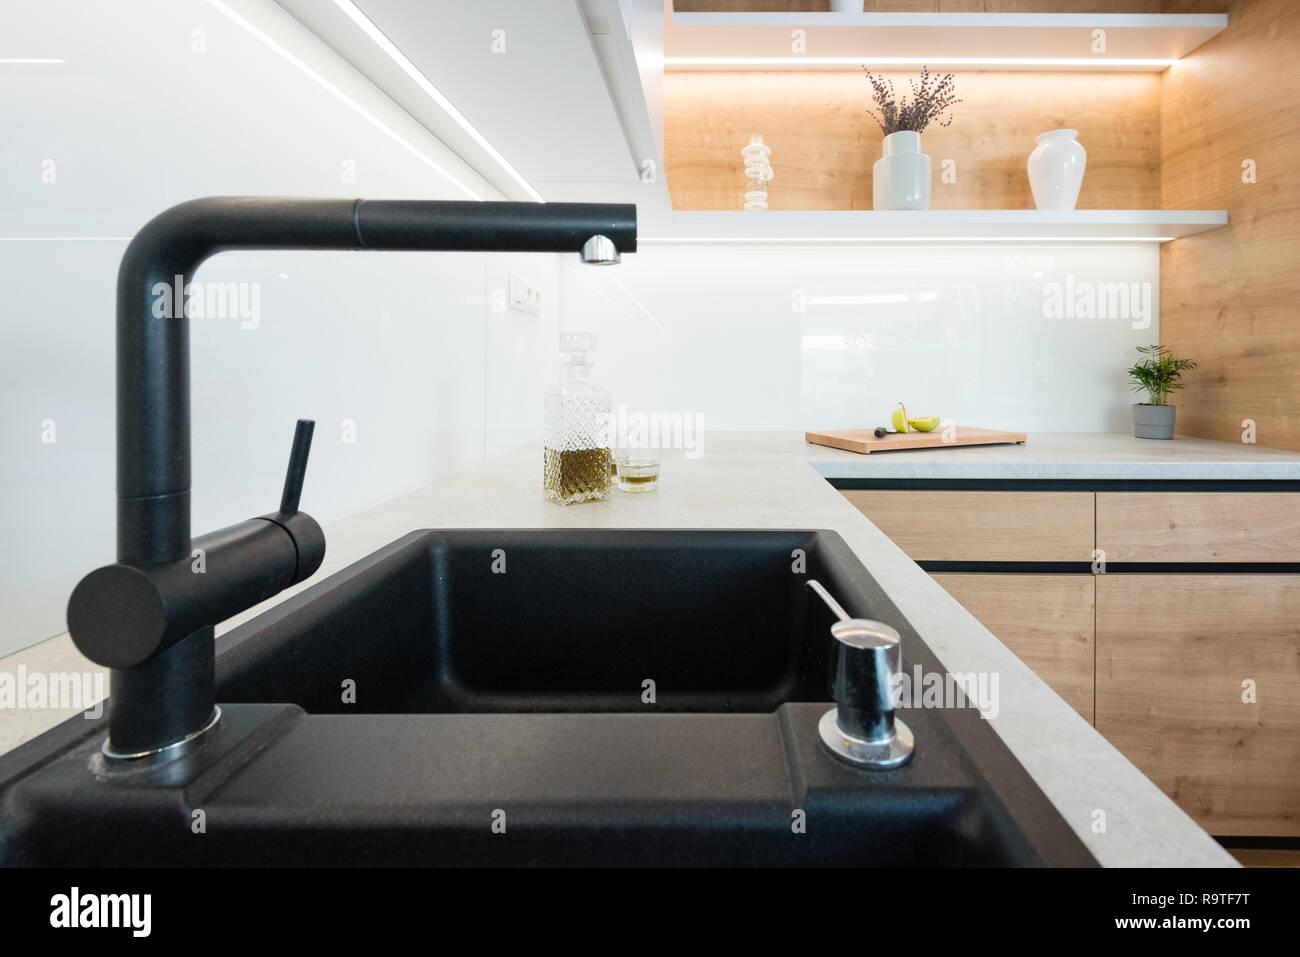 Gut bekannt Detail der schwarz Waschbecken mit Wasserhahn in der modernen UA33